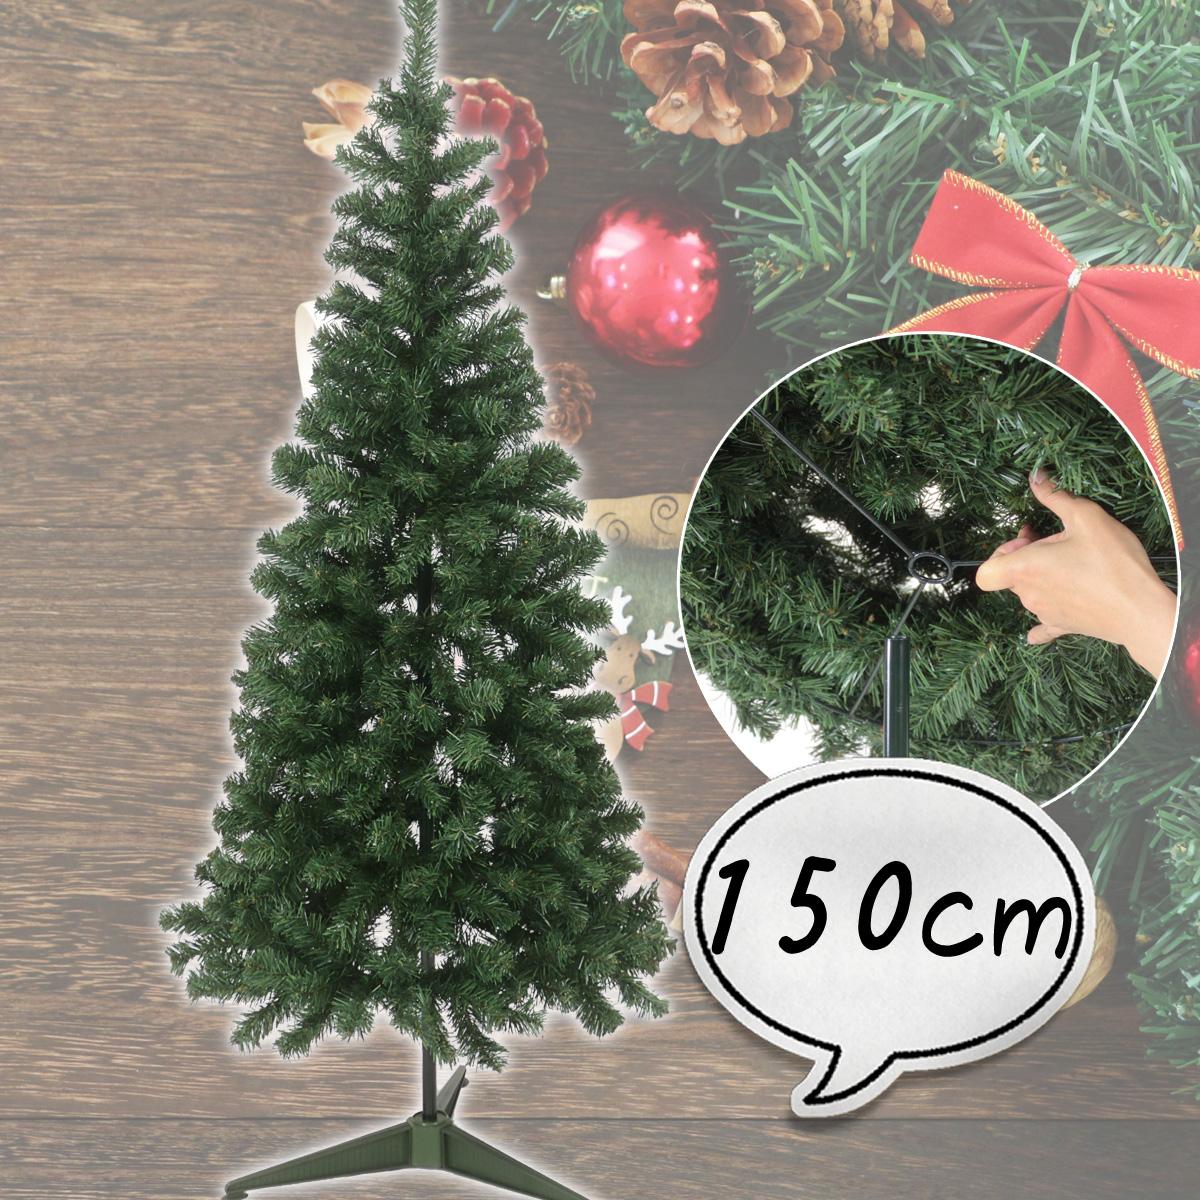 クリスマスツリー 150cm ポップアップツリー ワンタッチ ツリー ツリーの木 北欧 おしゃれ